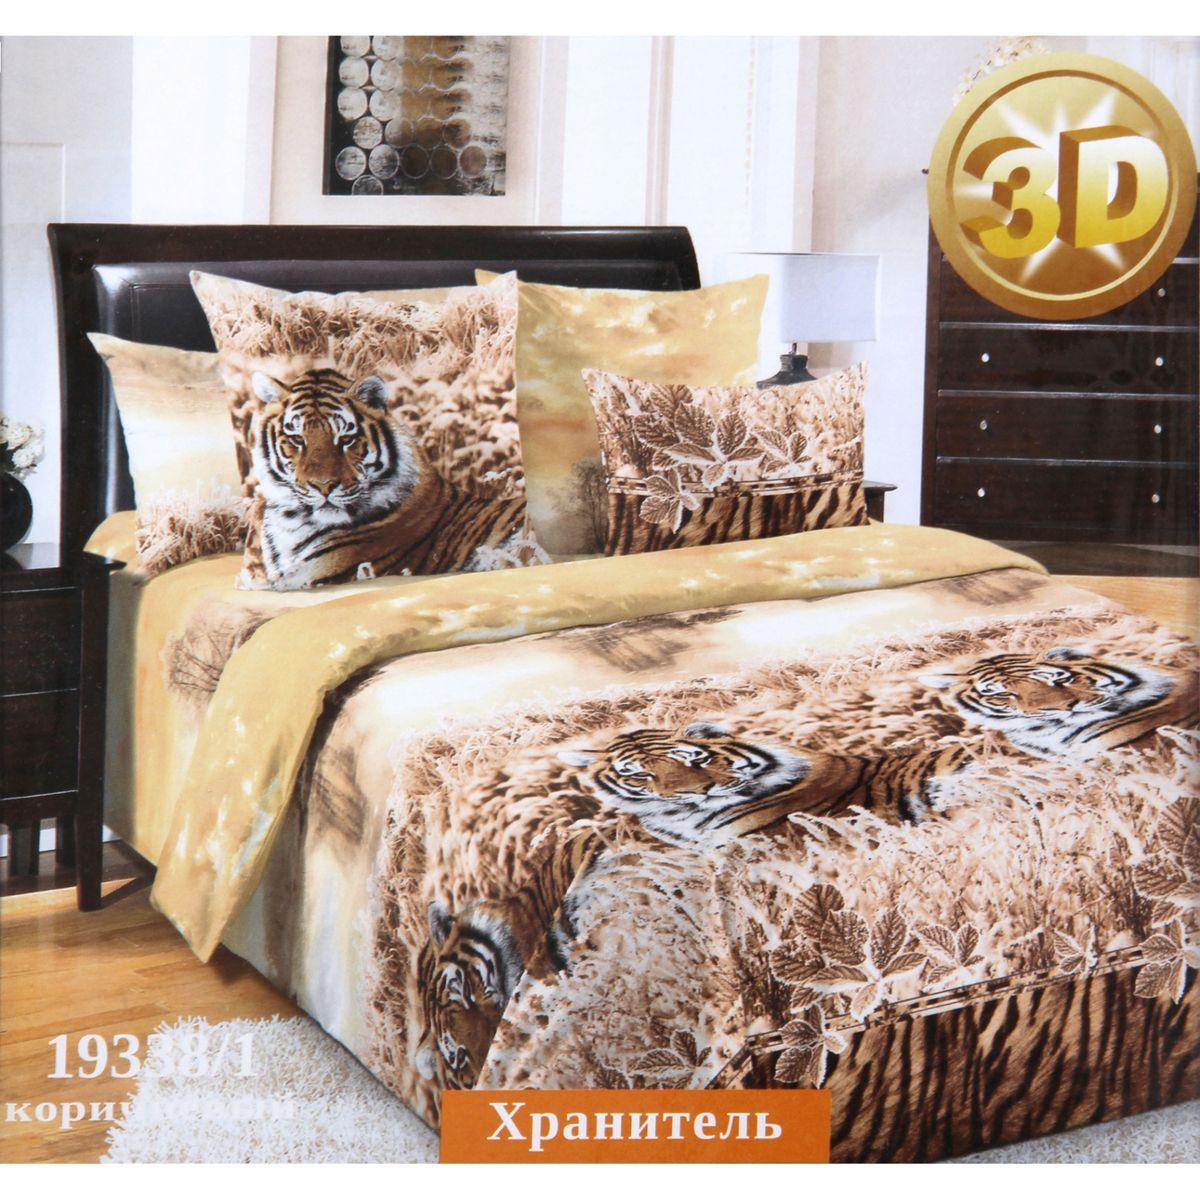 Комплект белья ROKO, евро, наволочки 70x70. 10434321043432постельное белье из хлопчатобумажной плотной ткани полотняного переплетения с набивным рисунком